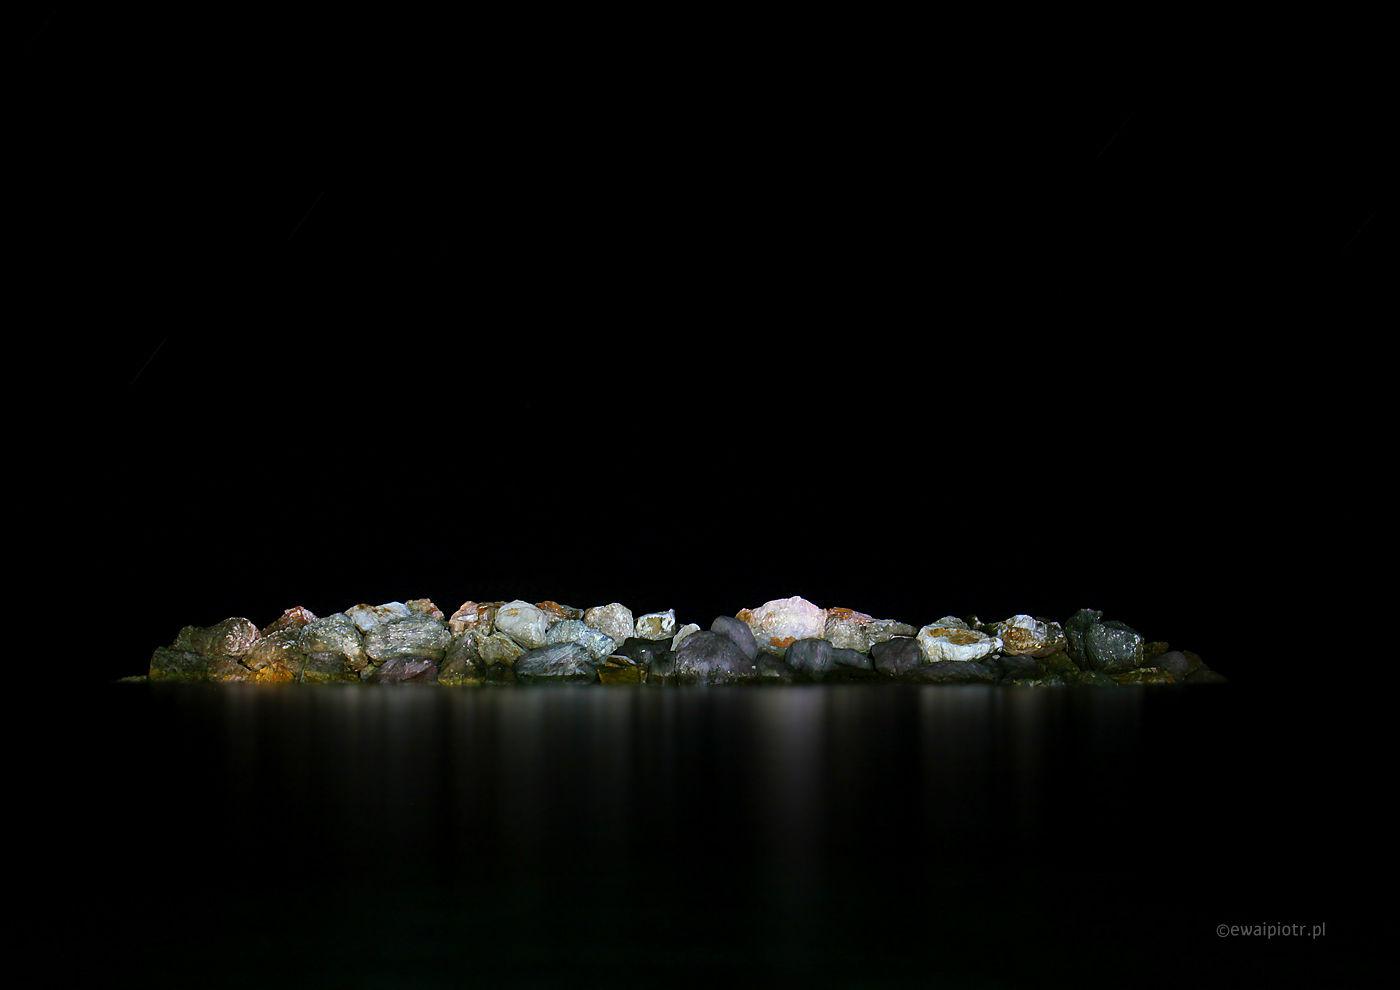 fotografia bez światła